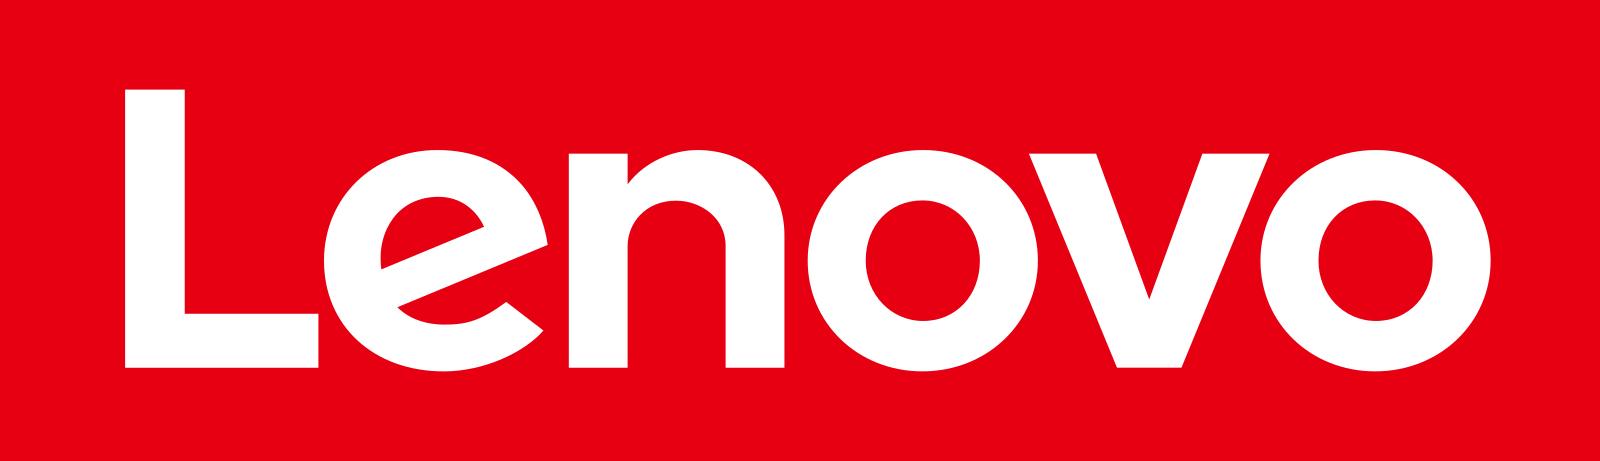 lenovo logo 5 - Lenovo Logo